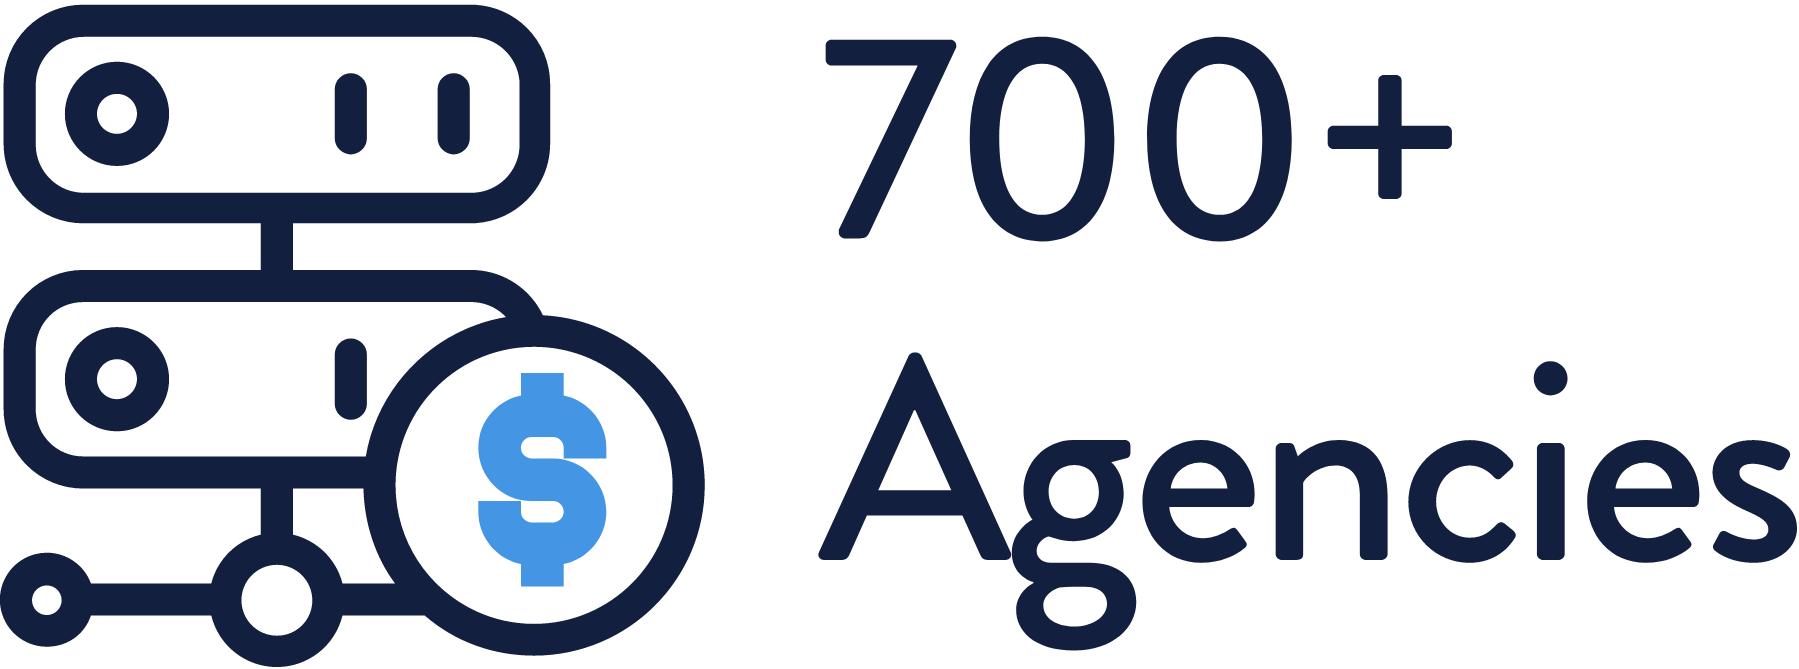 700 plus Agencies